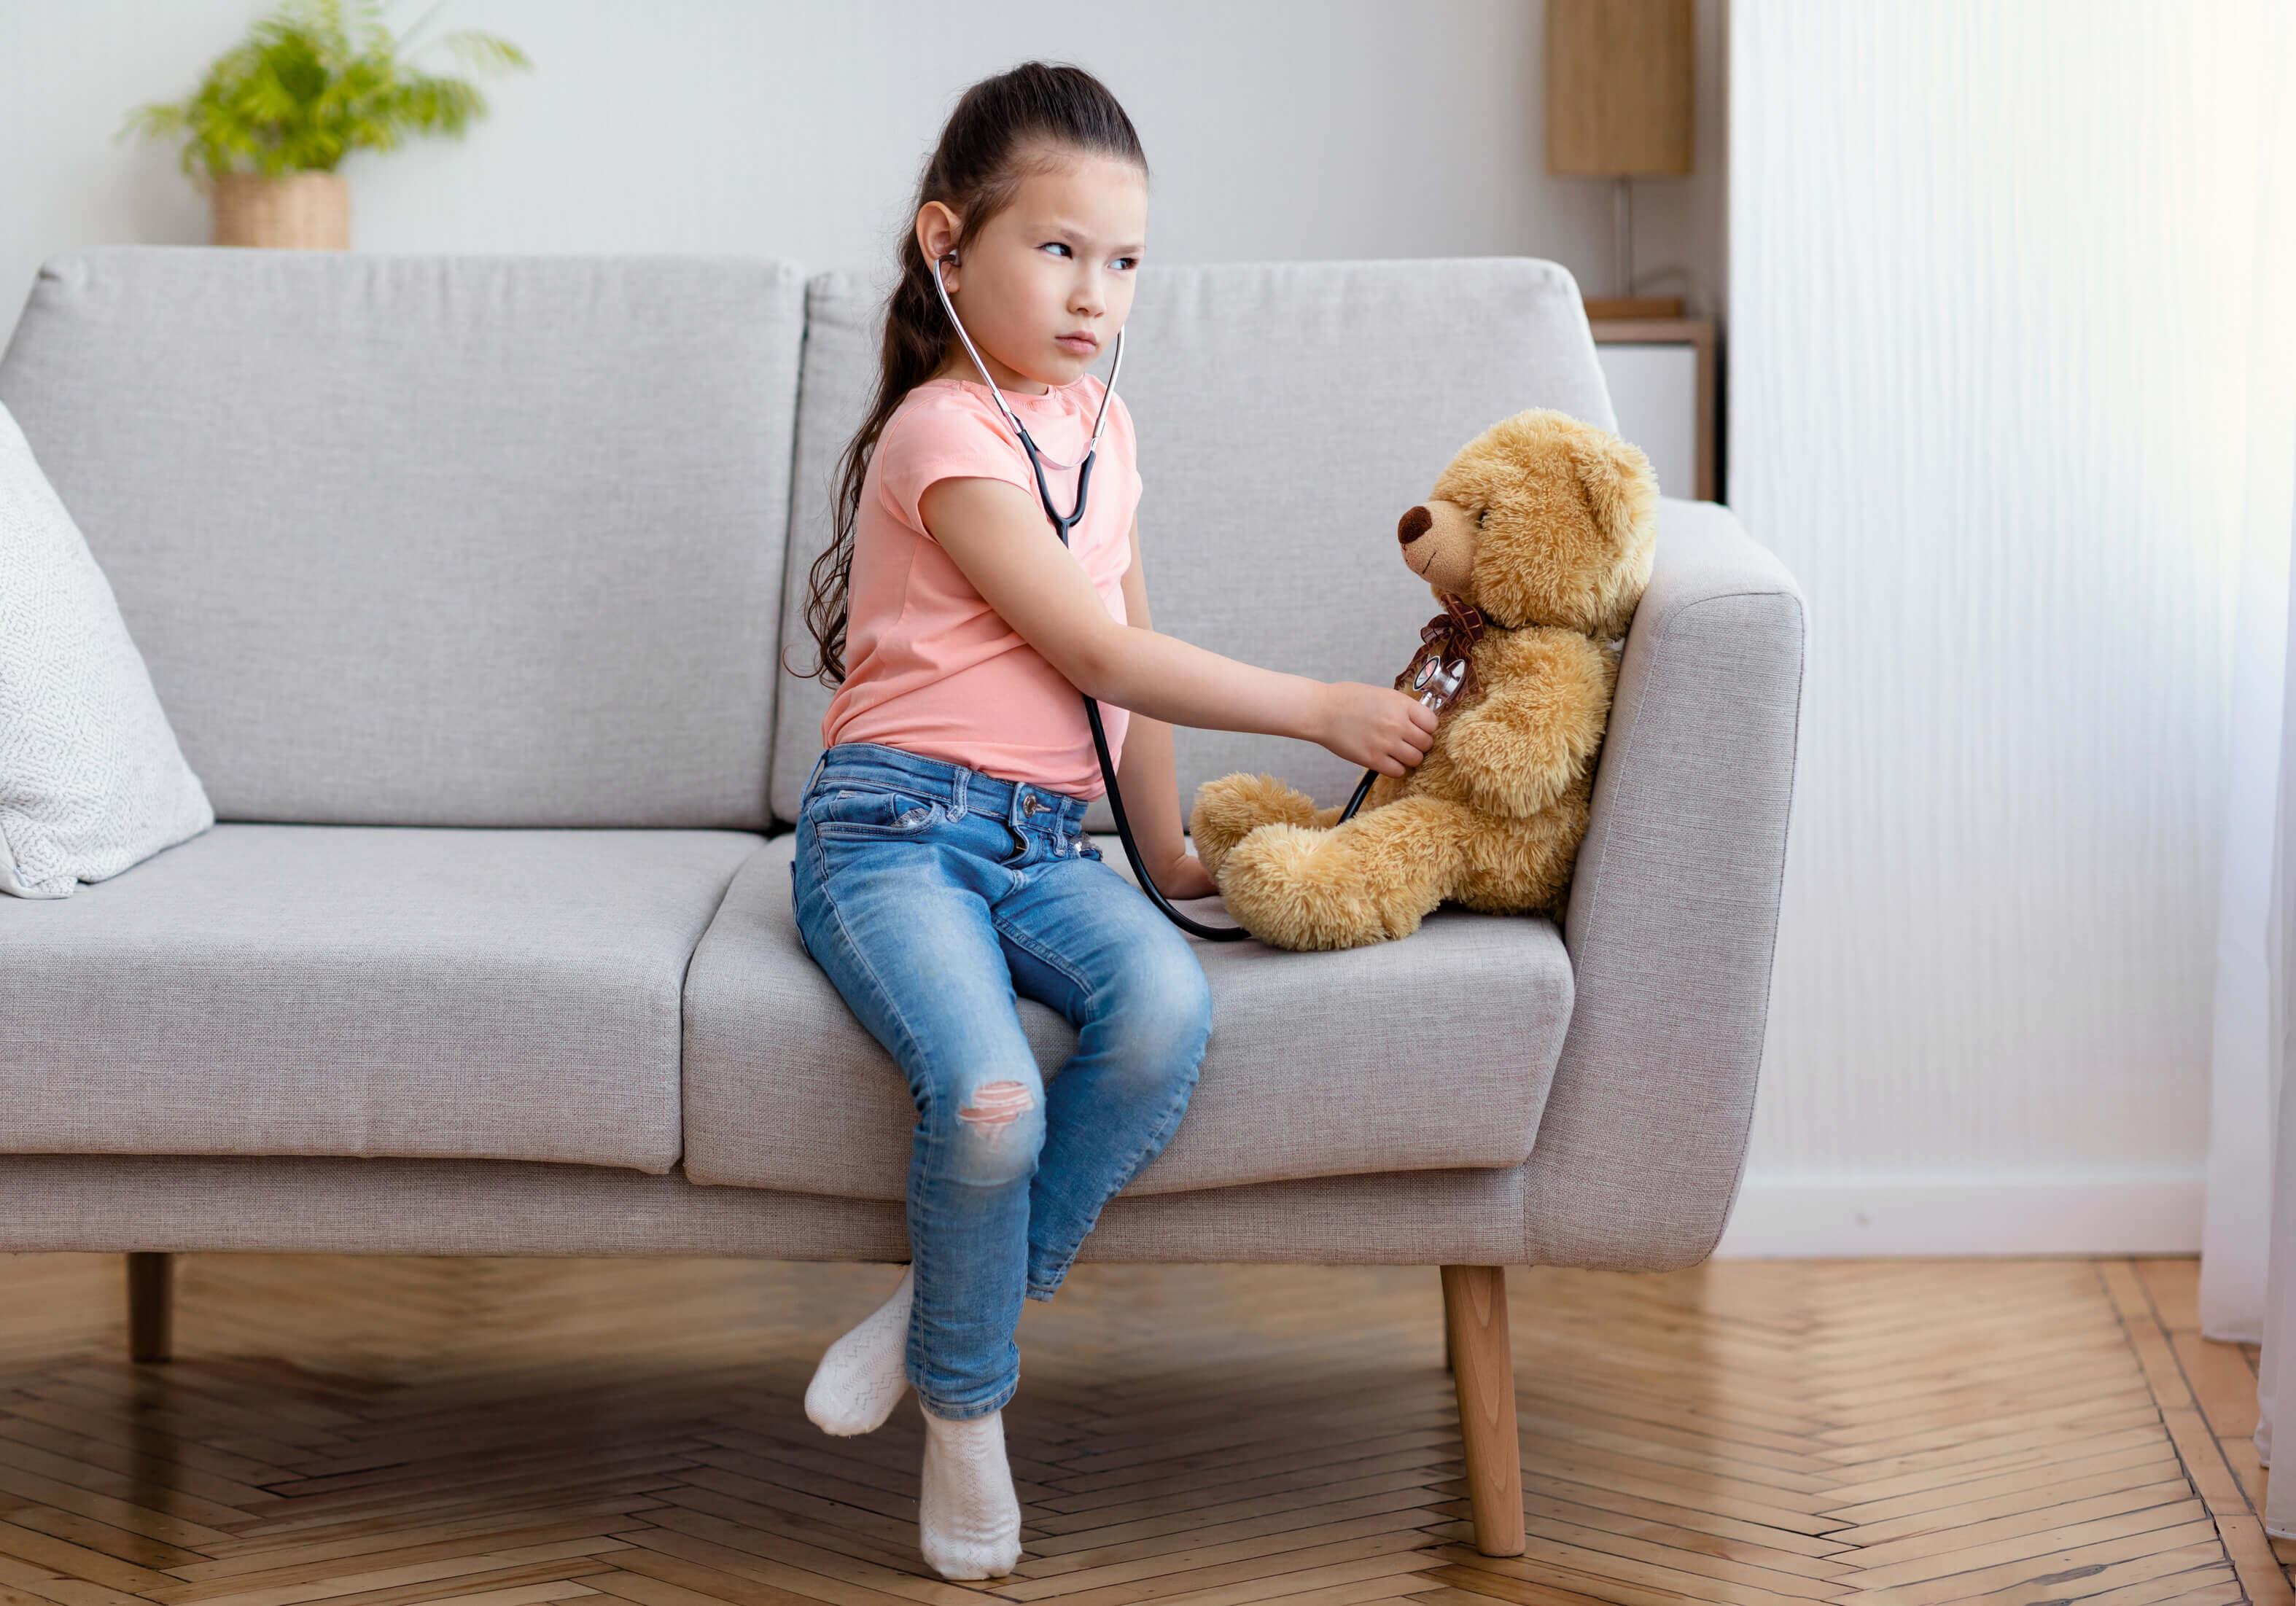 Obrazovne prednosti pružanja igračaka deci